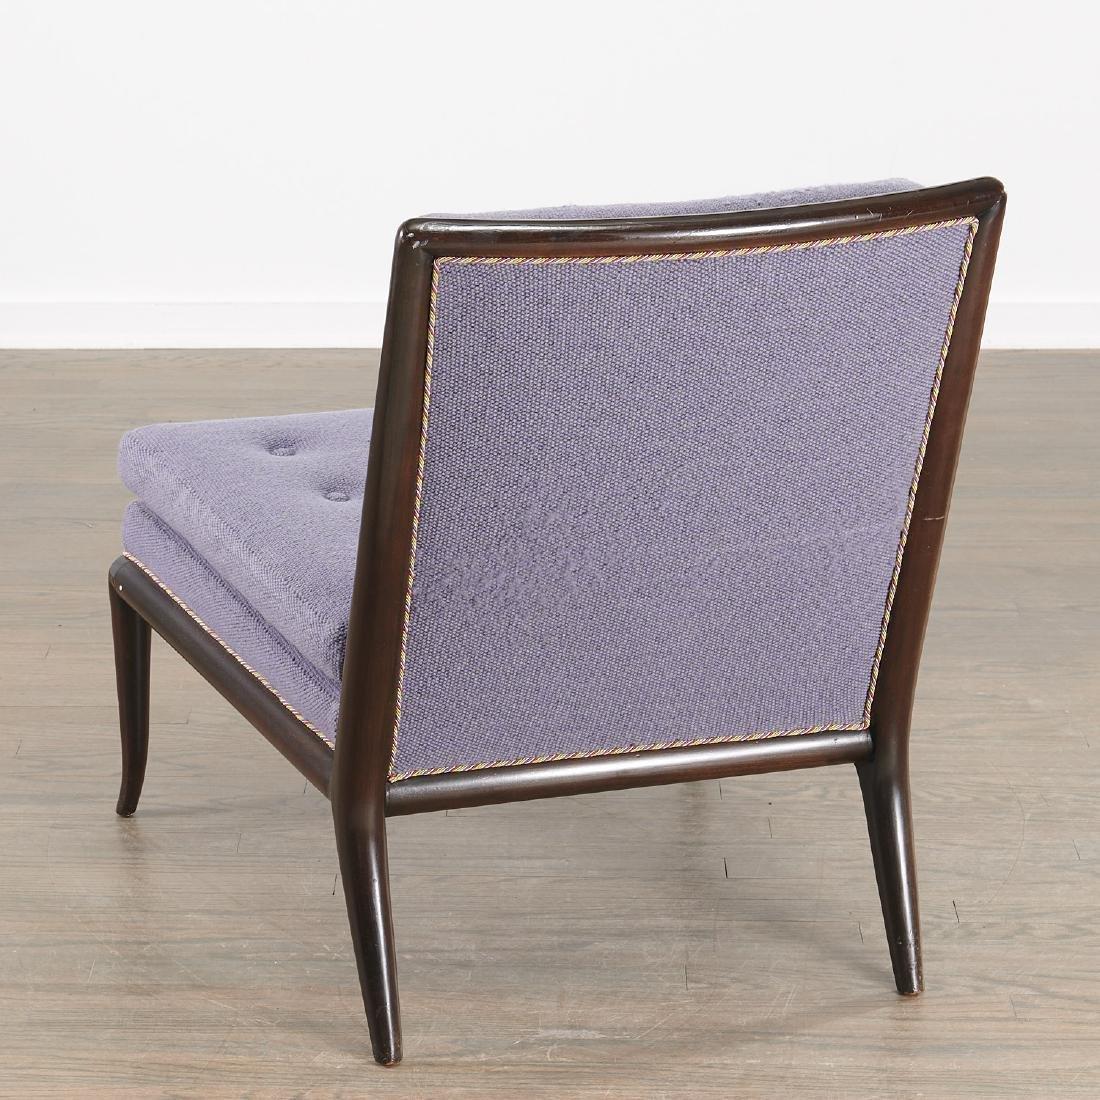 T.H. Robsjohn-Gibbings slipper chair - 7